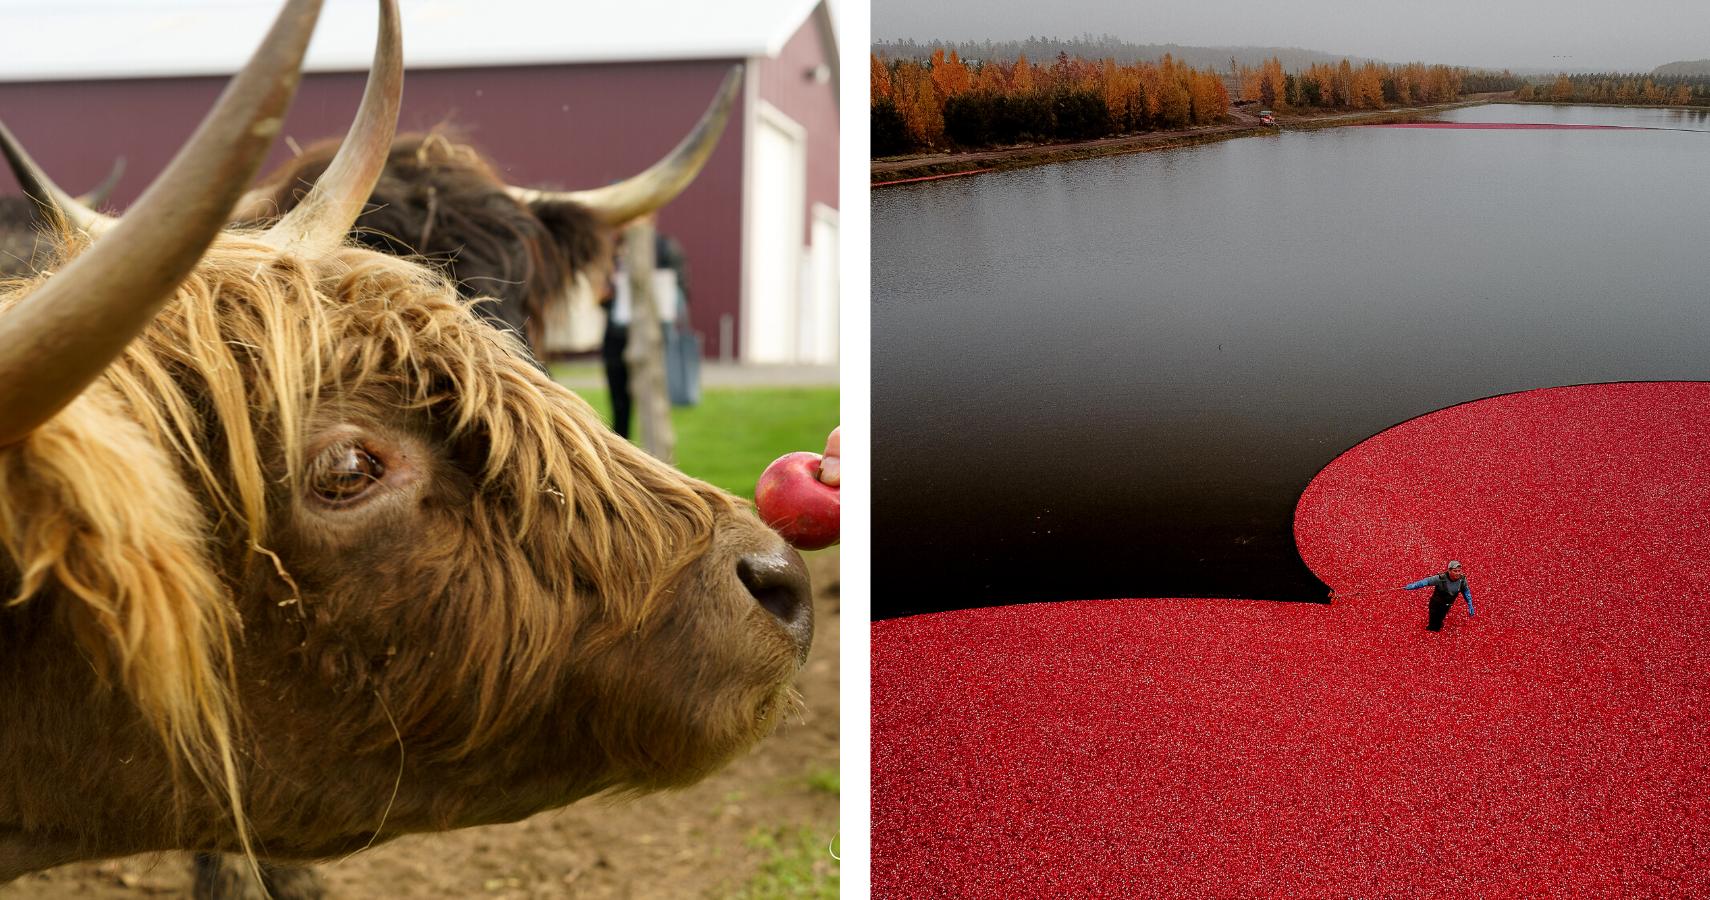 La Balade Gourmande et Canneberge en Fête, deux incontournables de l'automne - Crédits photos: Guy Samson (gauche), Les Maximes (droite)